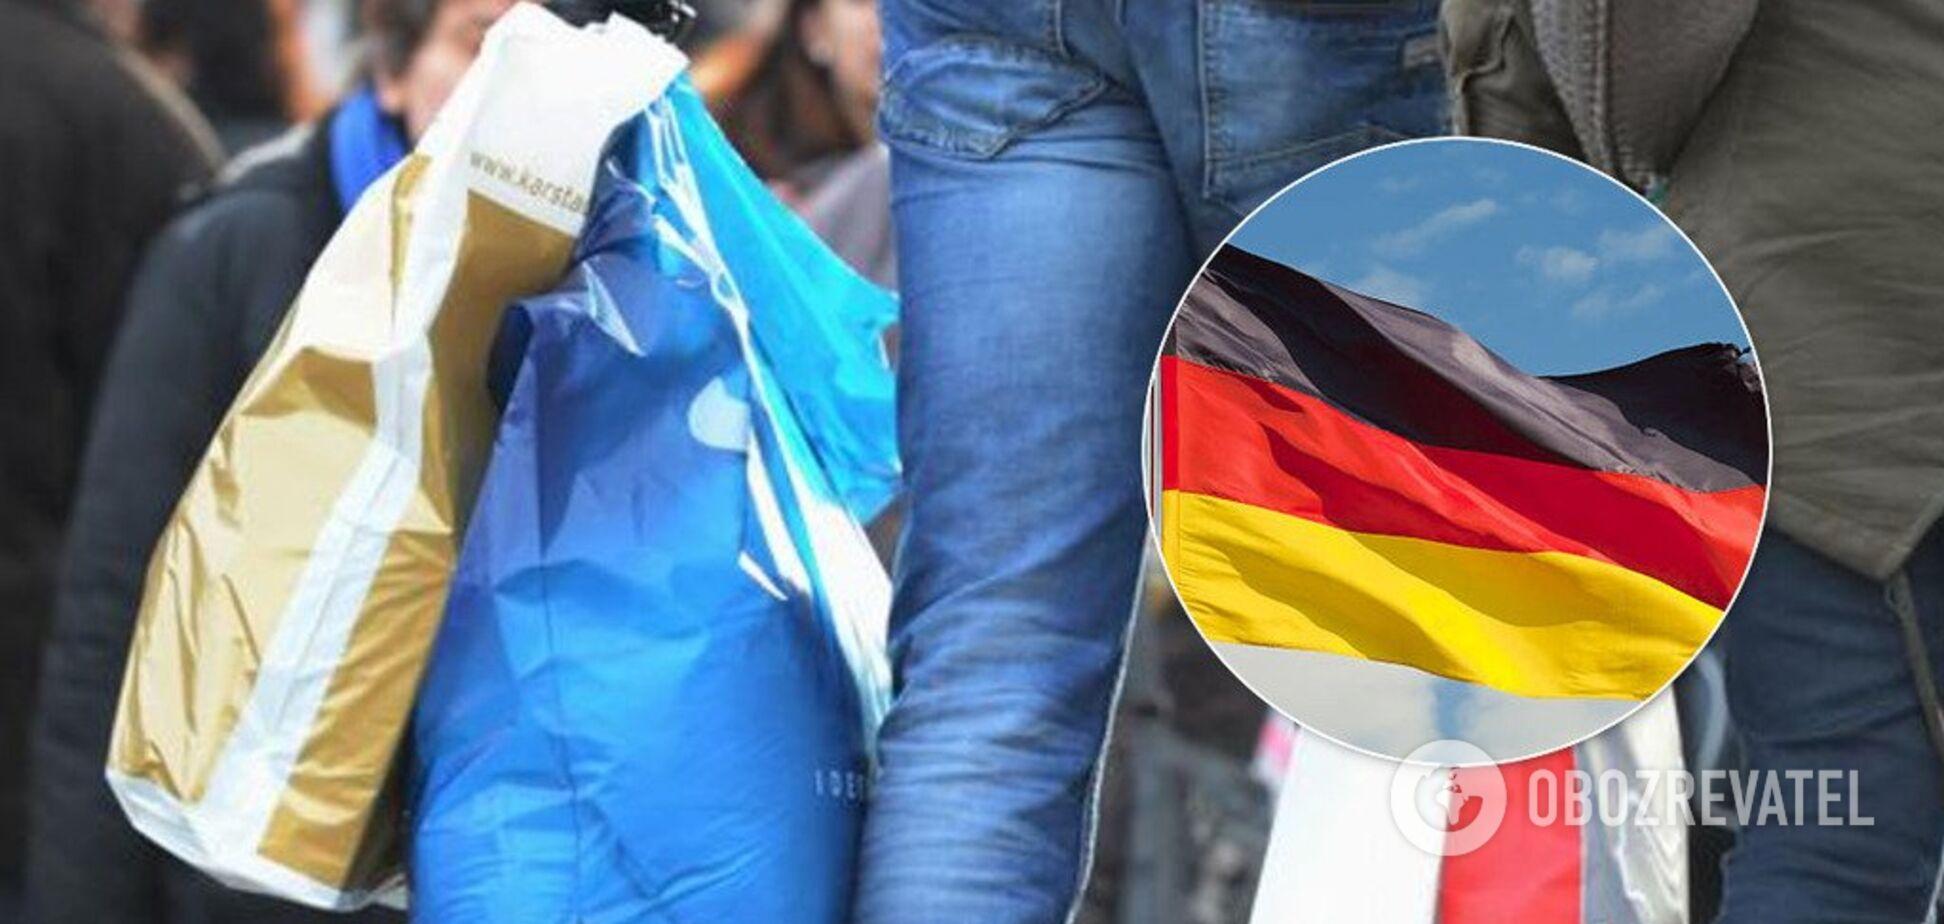 В Германии ужесточат правила обращения с одноразовыми пакетами: как это работает